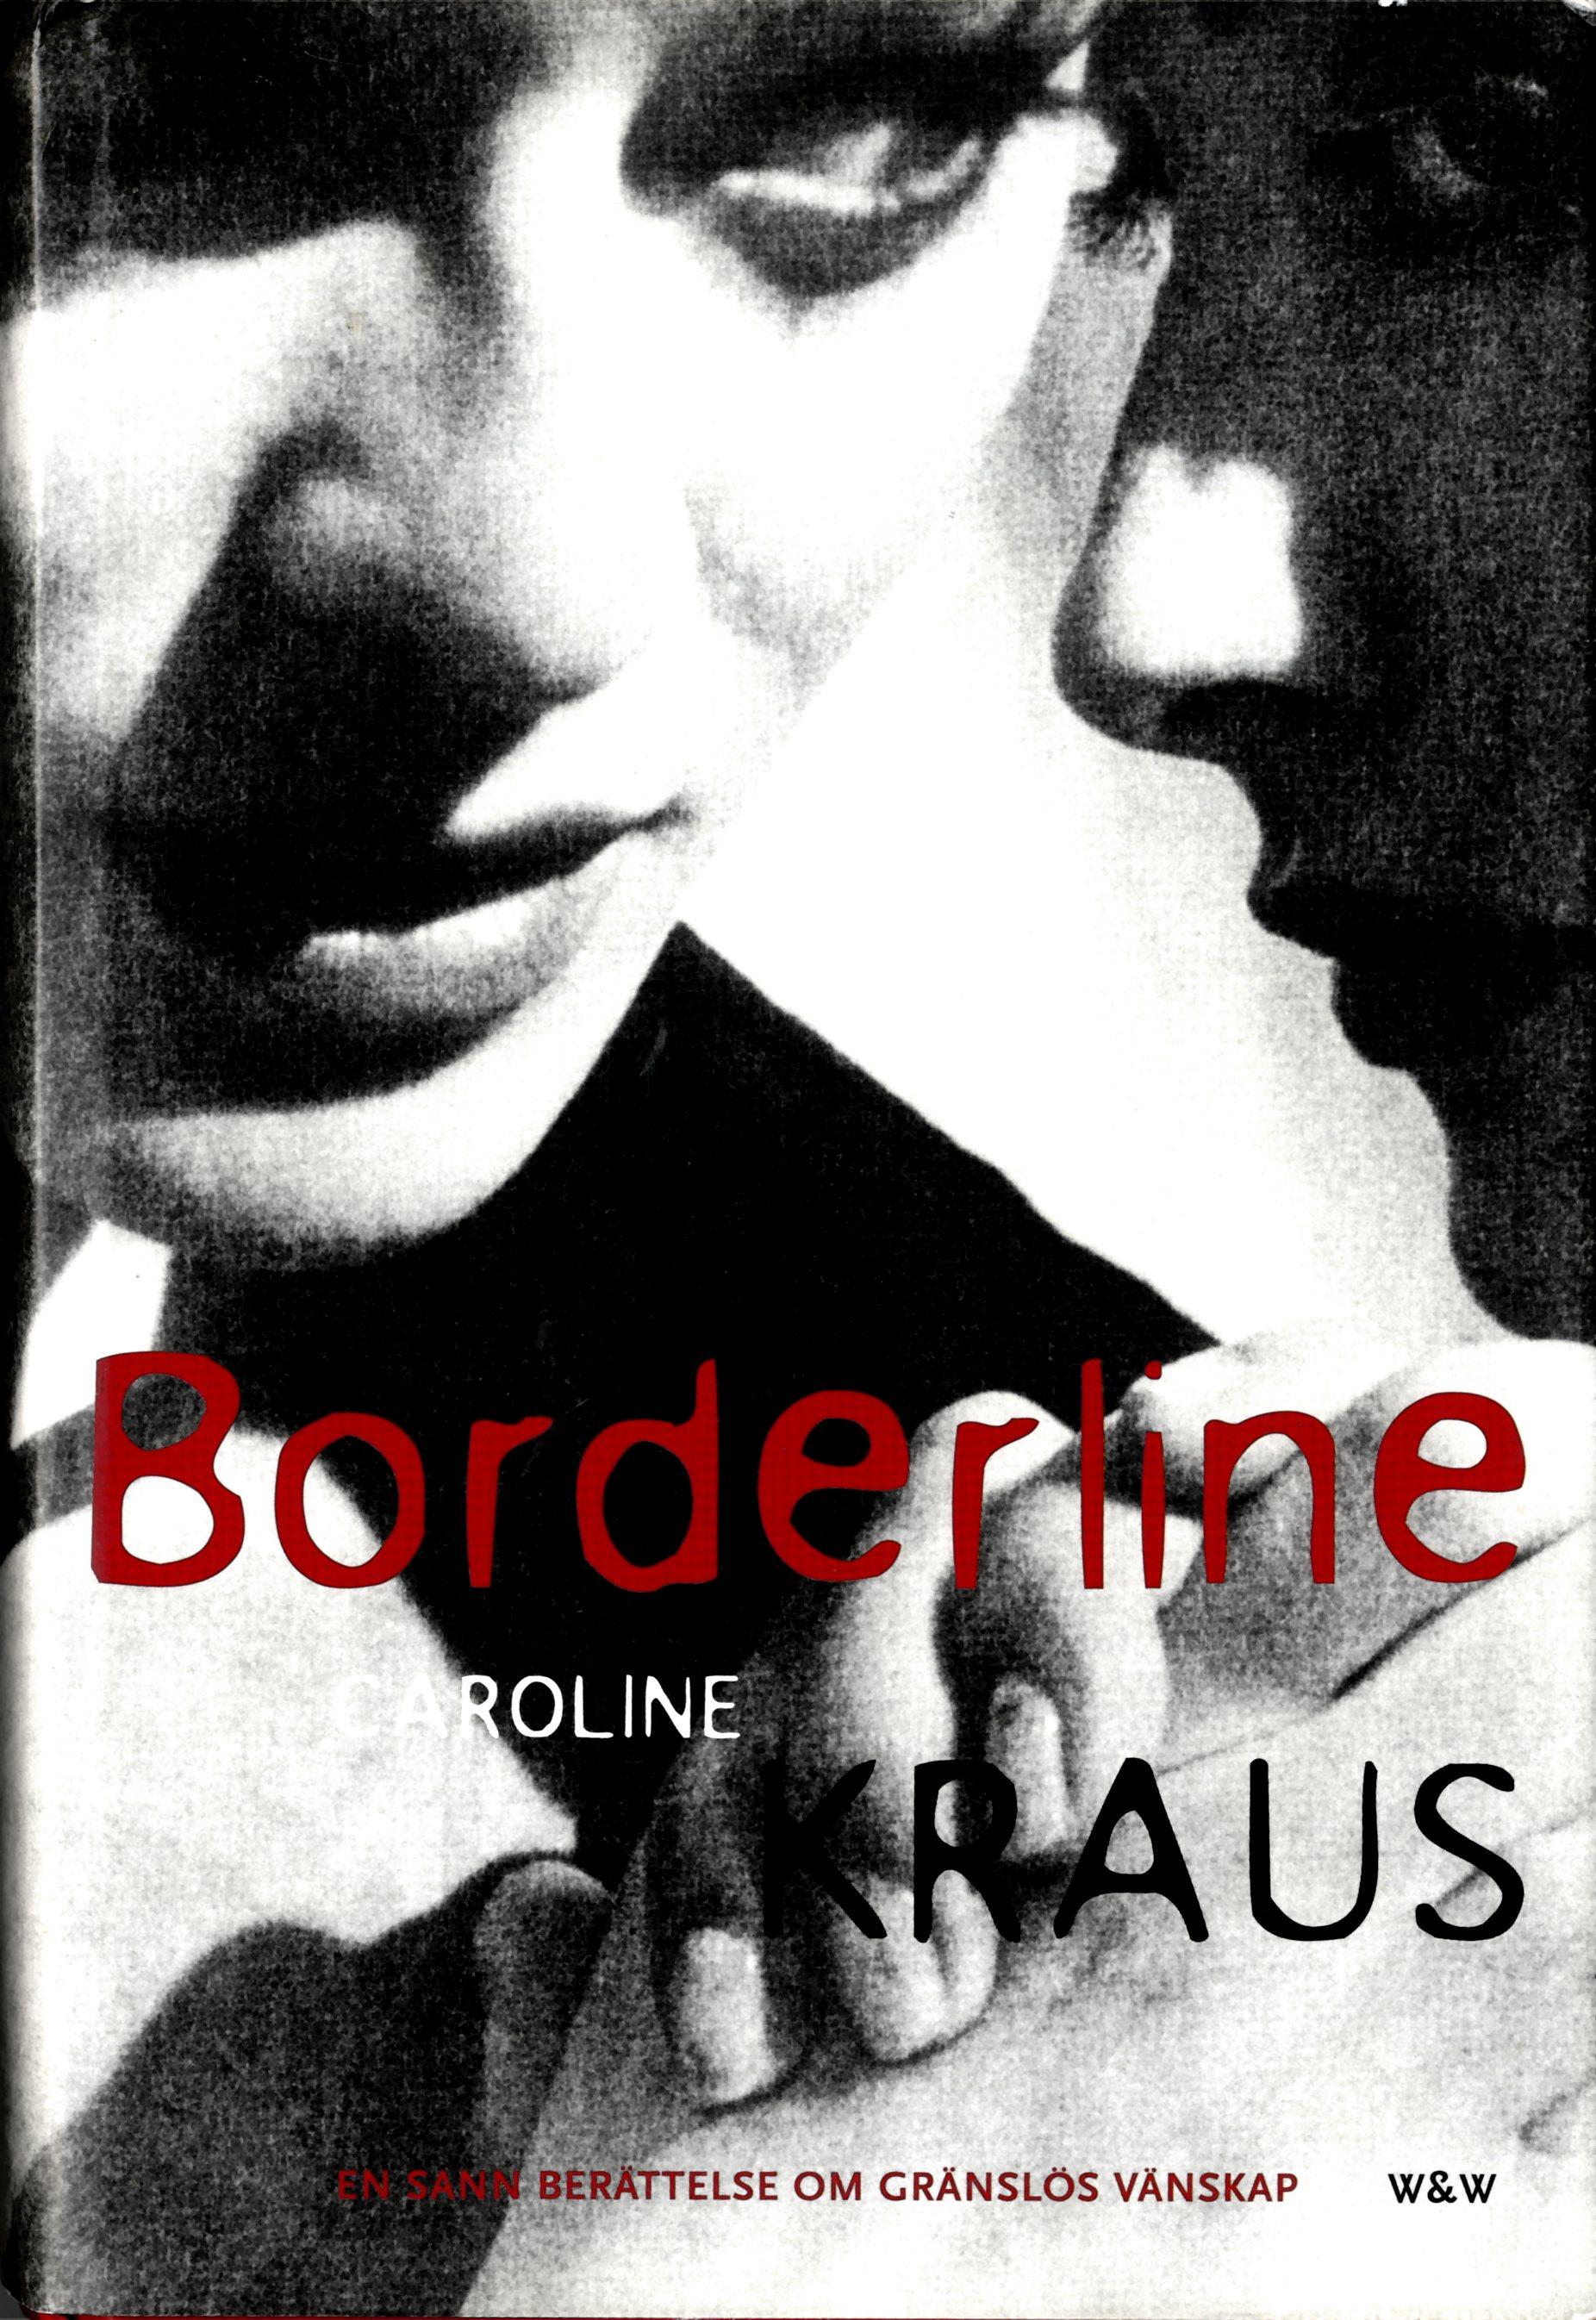 Kraus-a